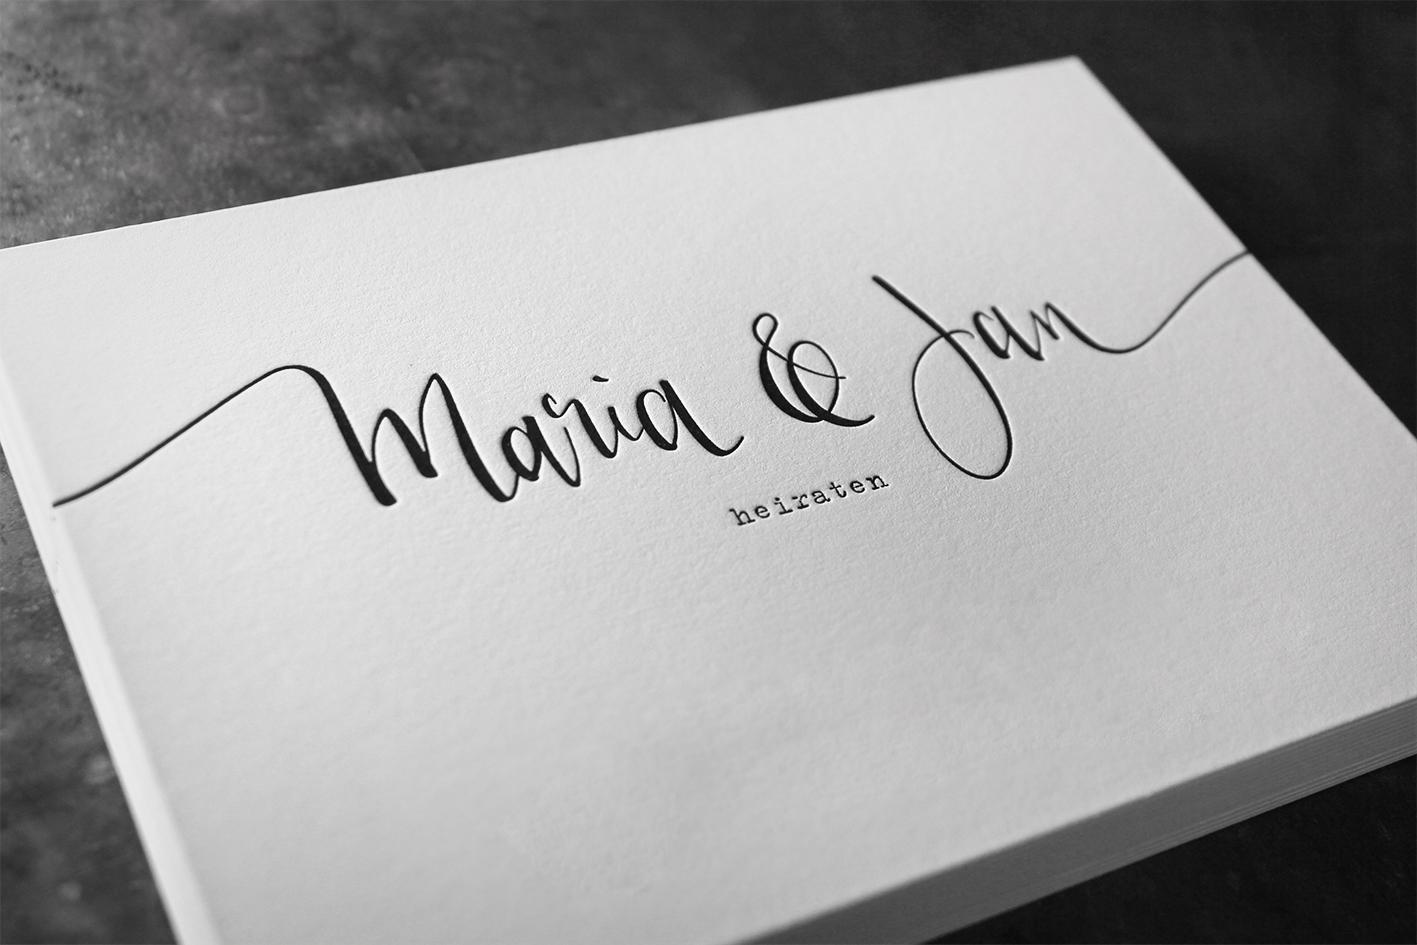 Letterpress Buchdruck Baumwollpapier Wien Hochzeit Einladung Hochzeitseinladung Prägedruck außergewöhnlich ausgefallen exklusiv Tiefprägung Kalligrafphie